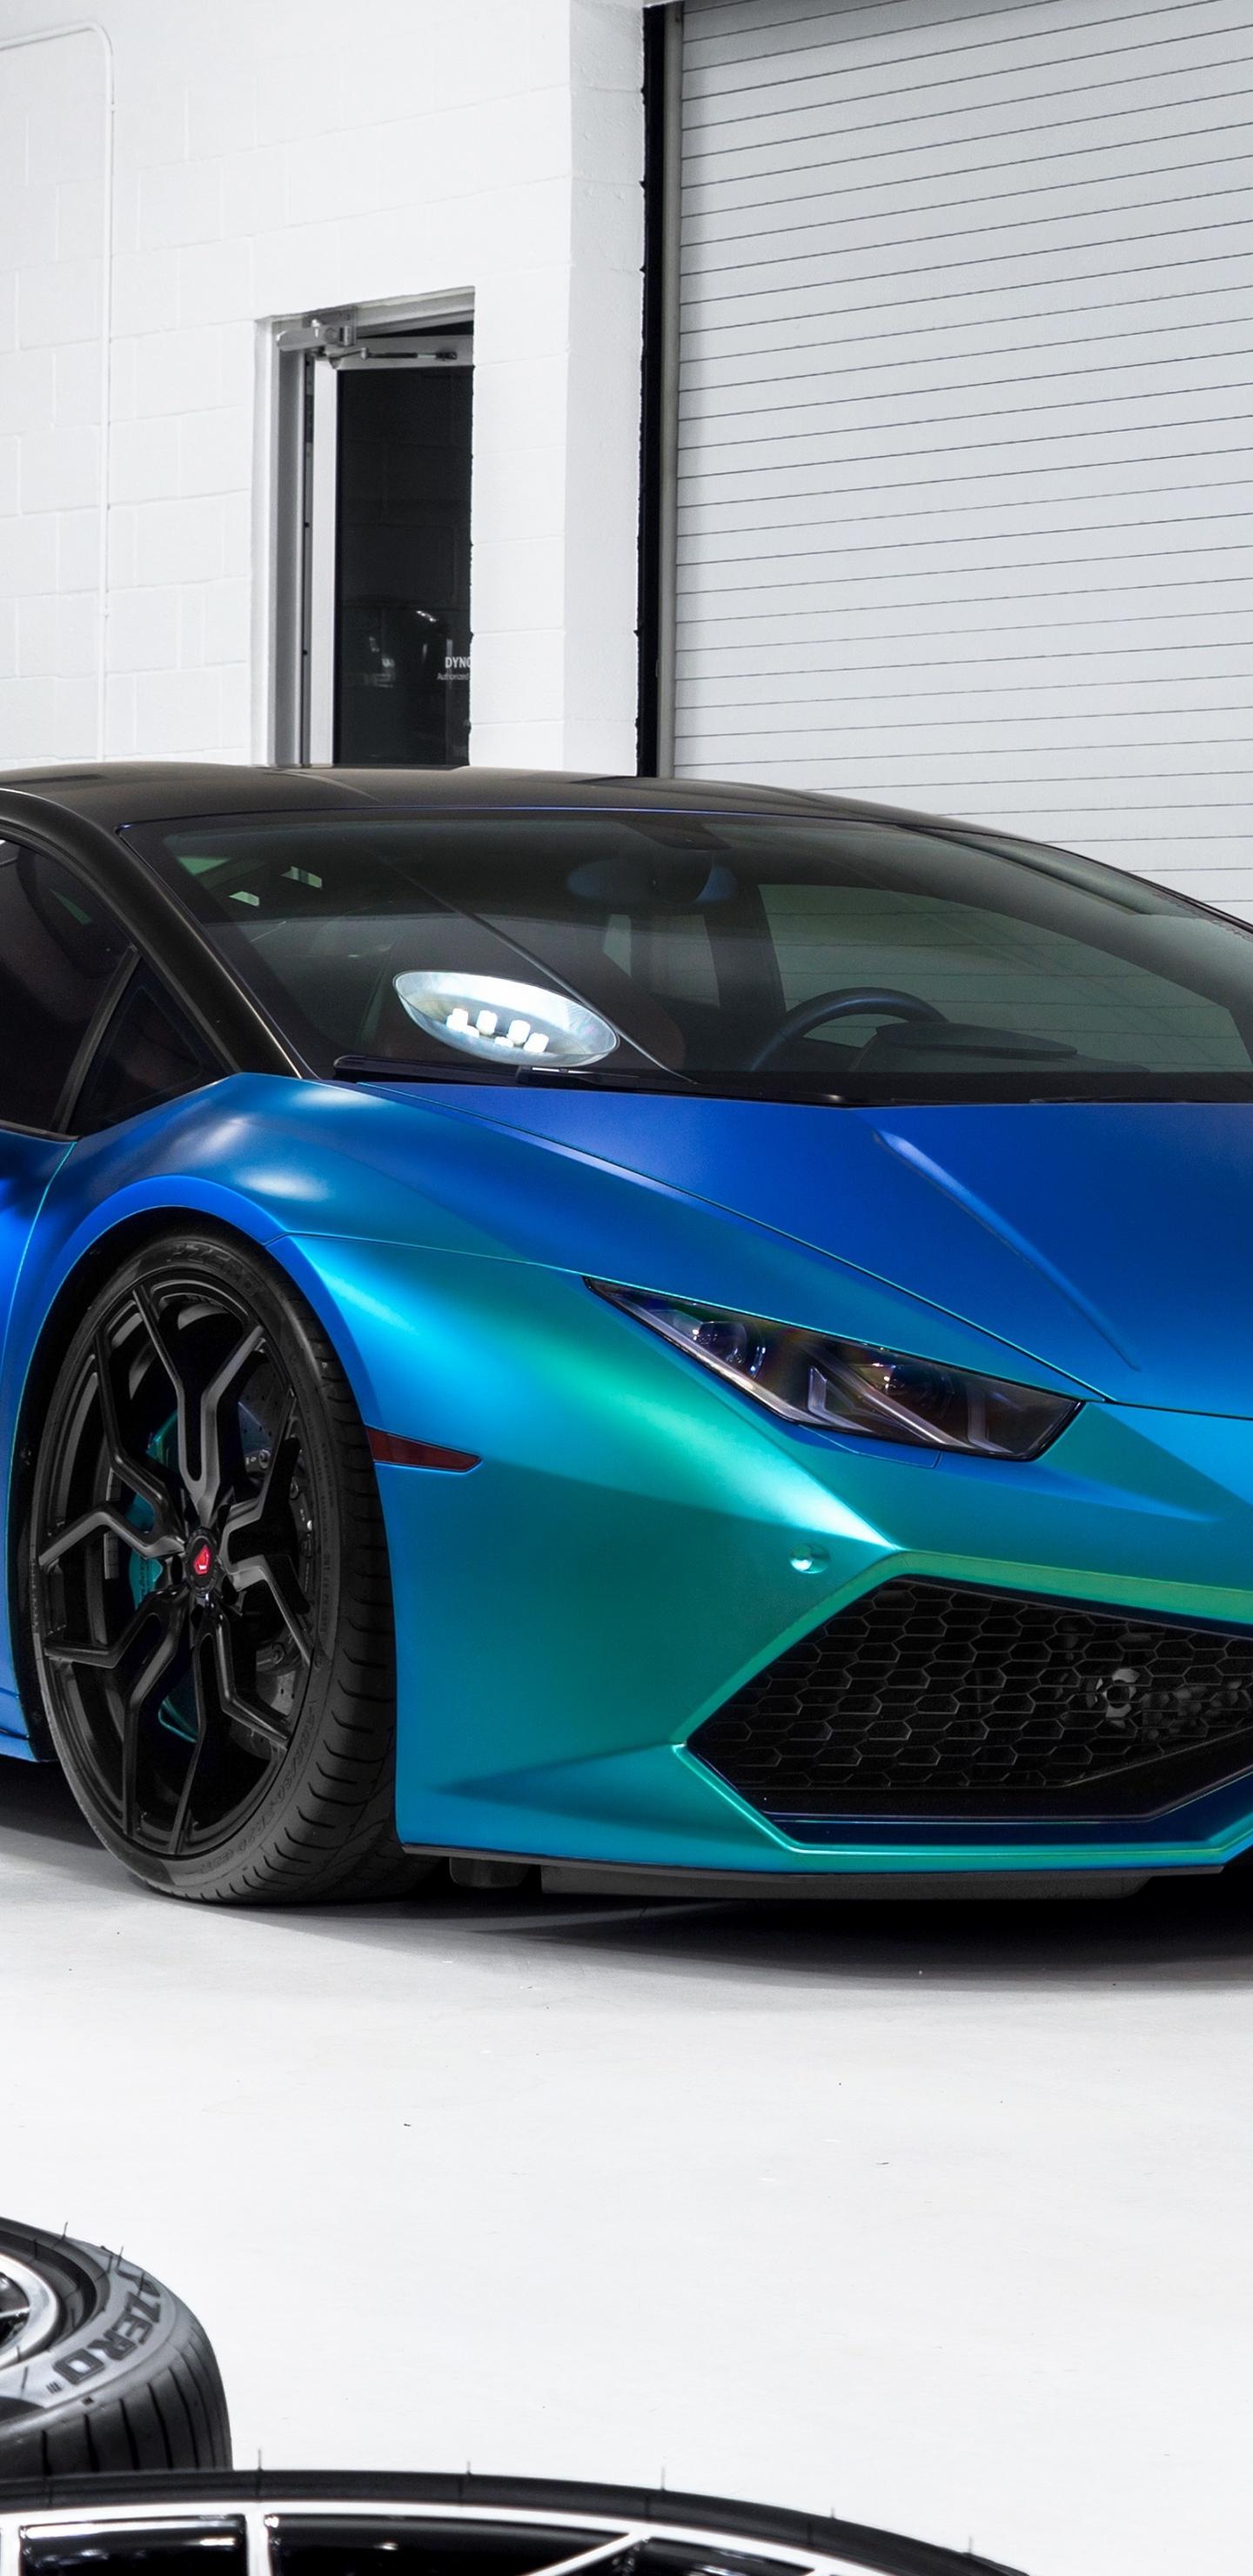 Download 1440x2960 Wallpaper Blue Lamborghini Huracan Showroom